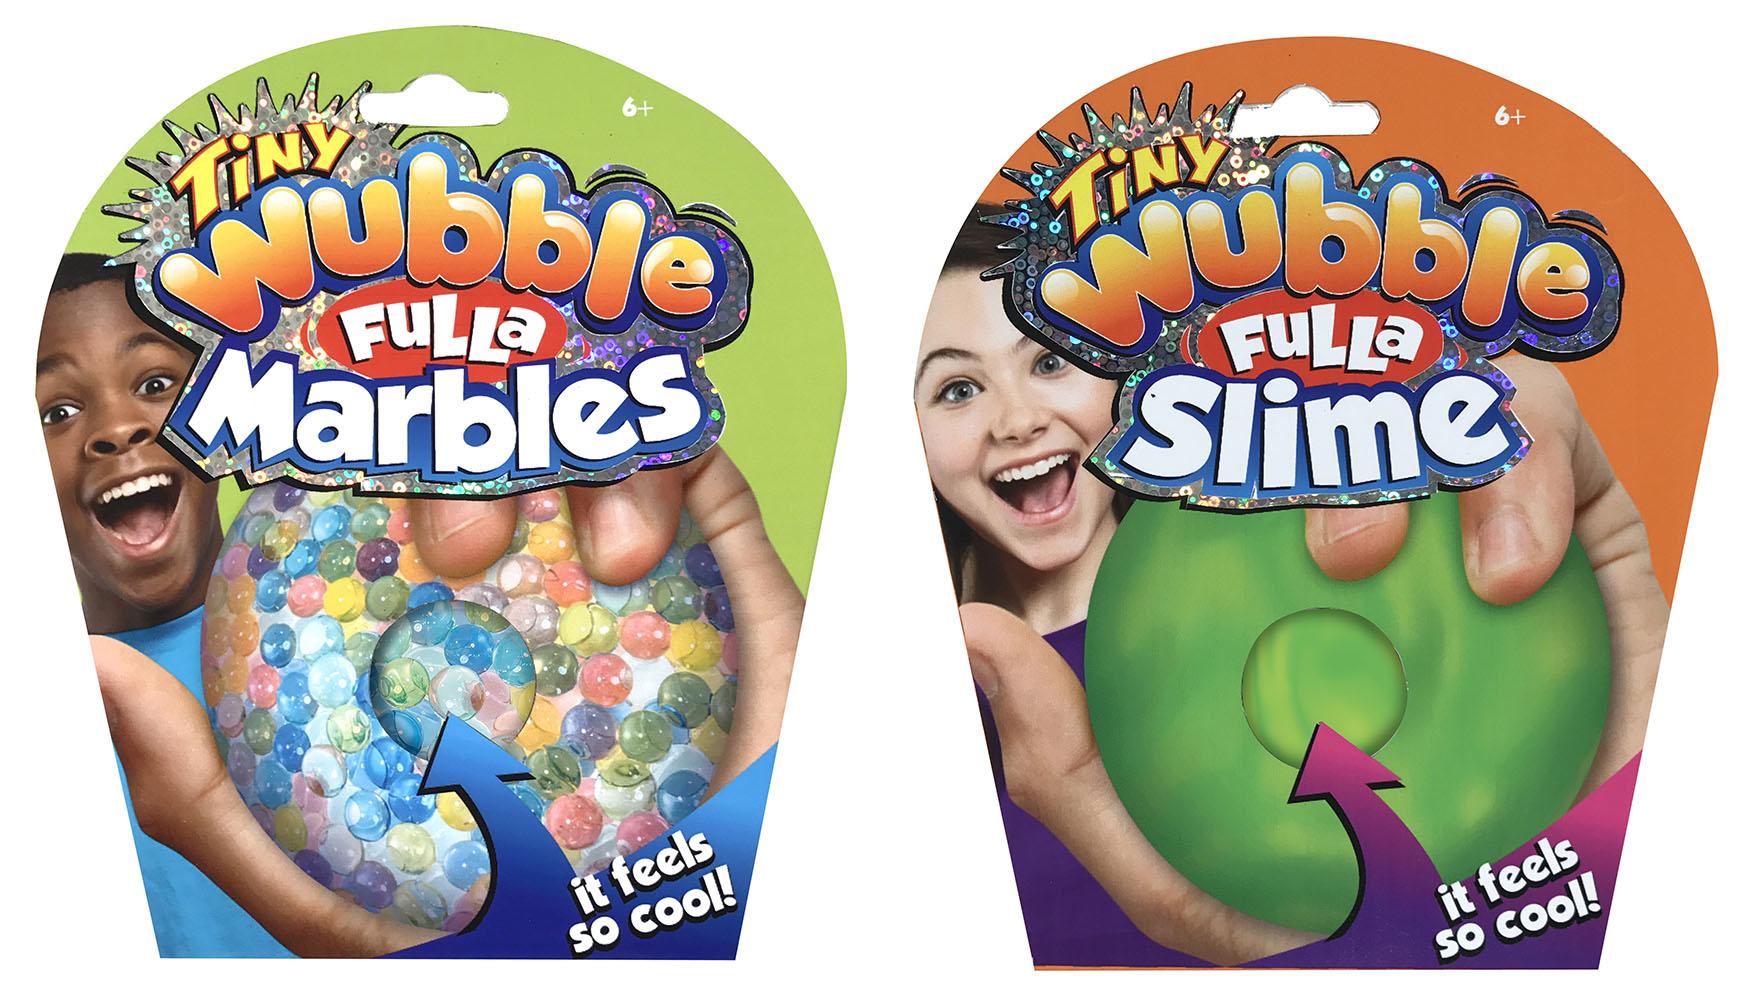 Wubble - Plein de billes glu 2.5 assortis